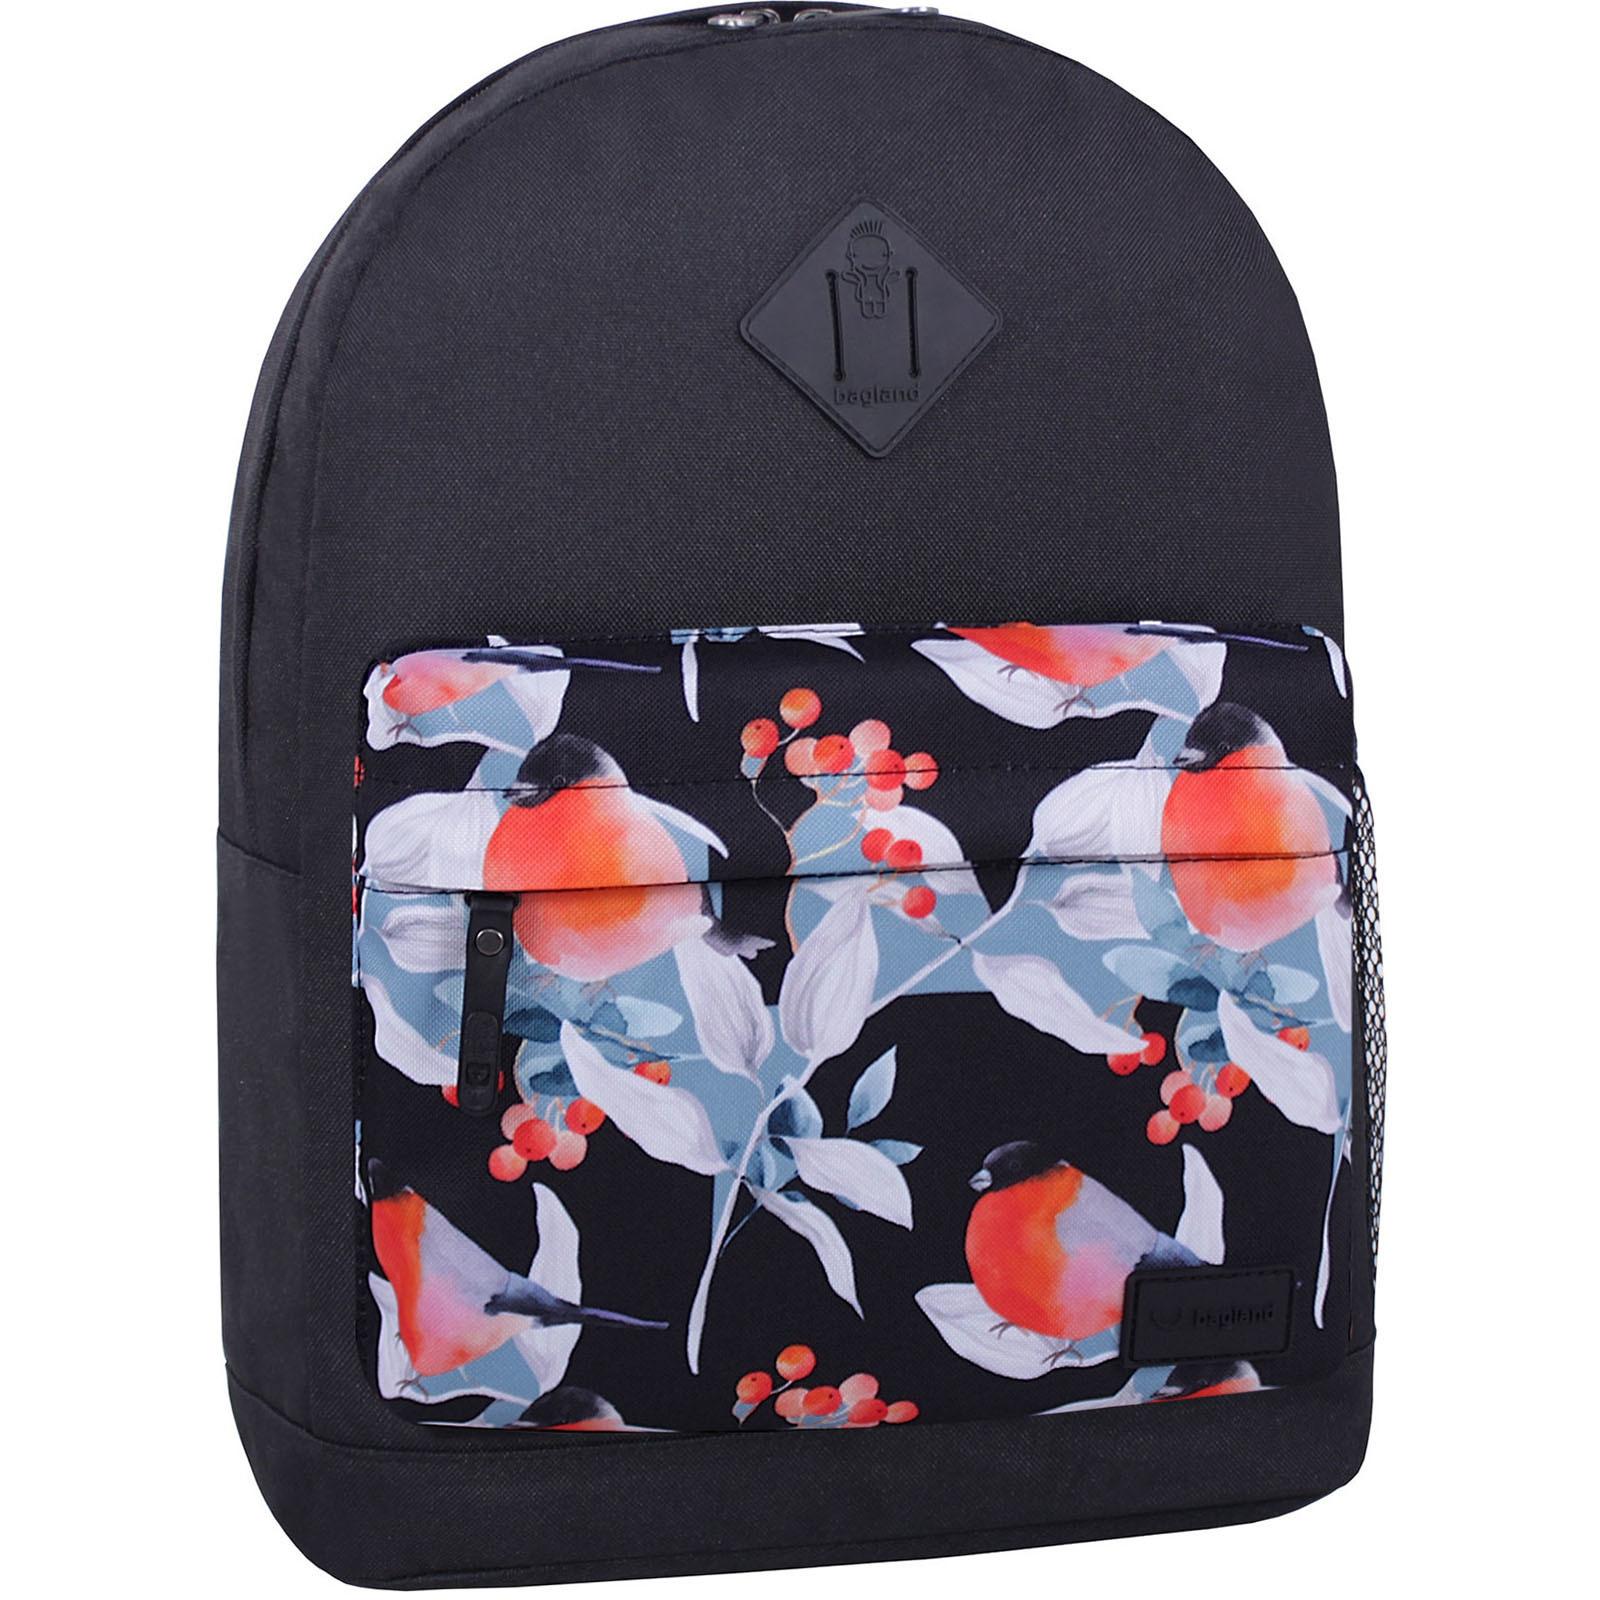 Молодежные рюкзаки Рюкзак Bagland Молодежный W/R 17 л. Черный 738 (00533662) IMG_6680_суб738_-1600.jpg